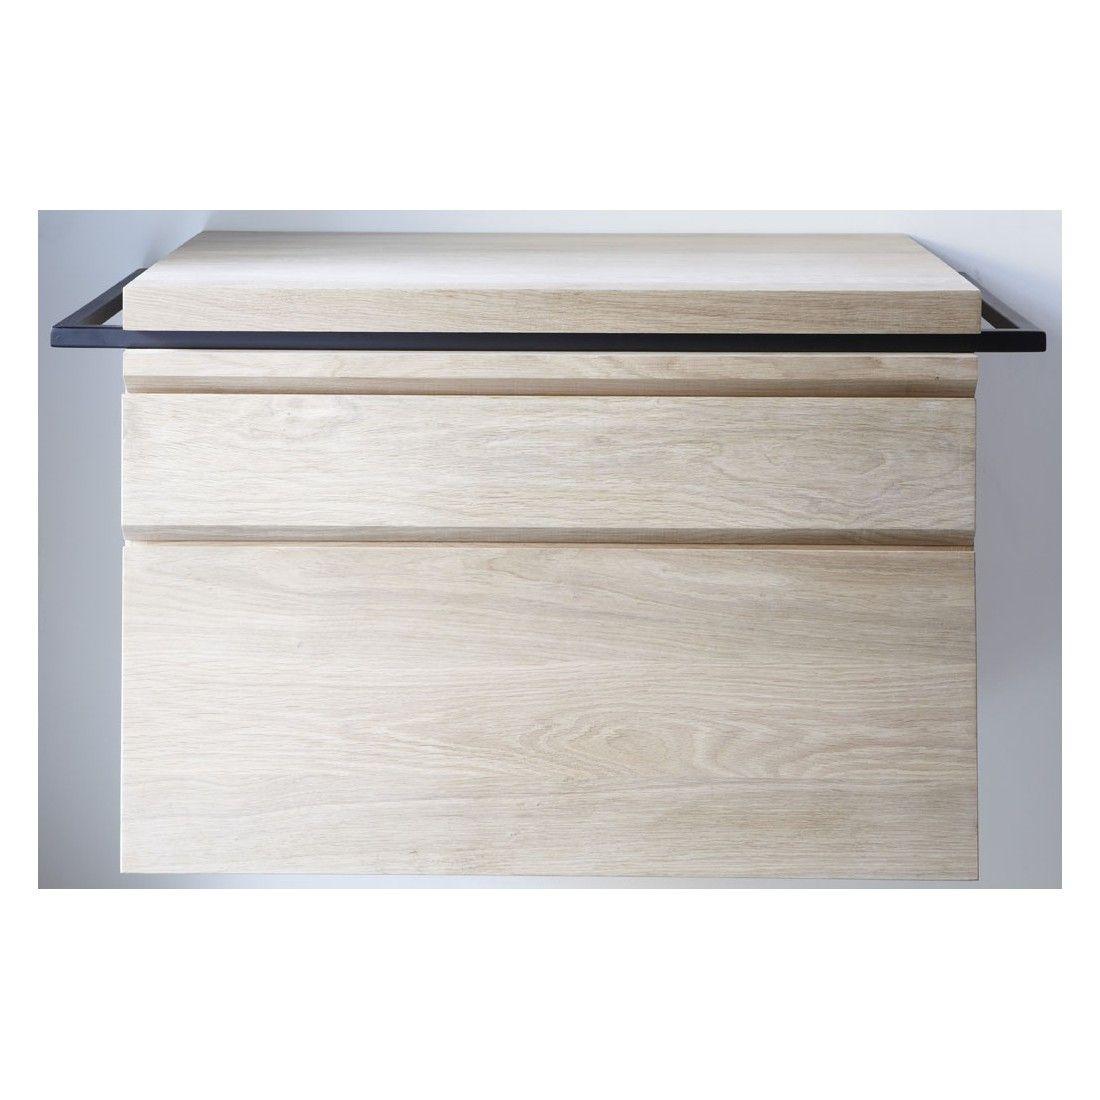 Meuble une vasque en chêne avec tiroir